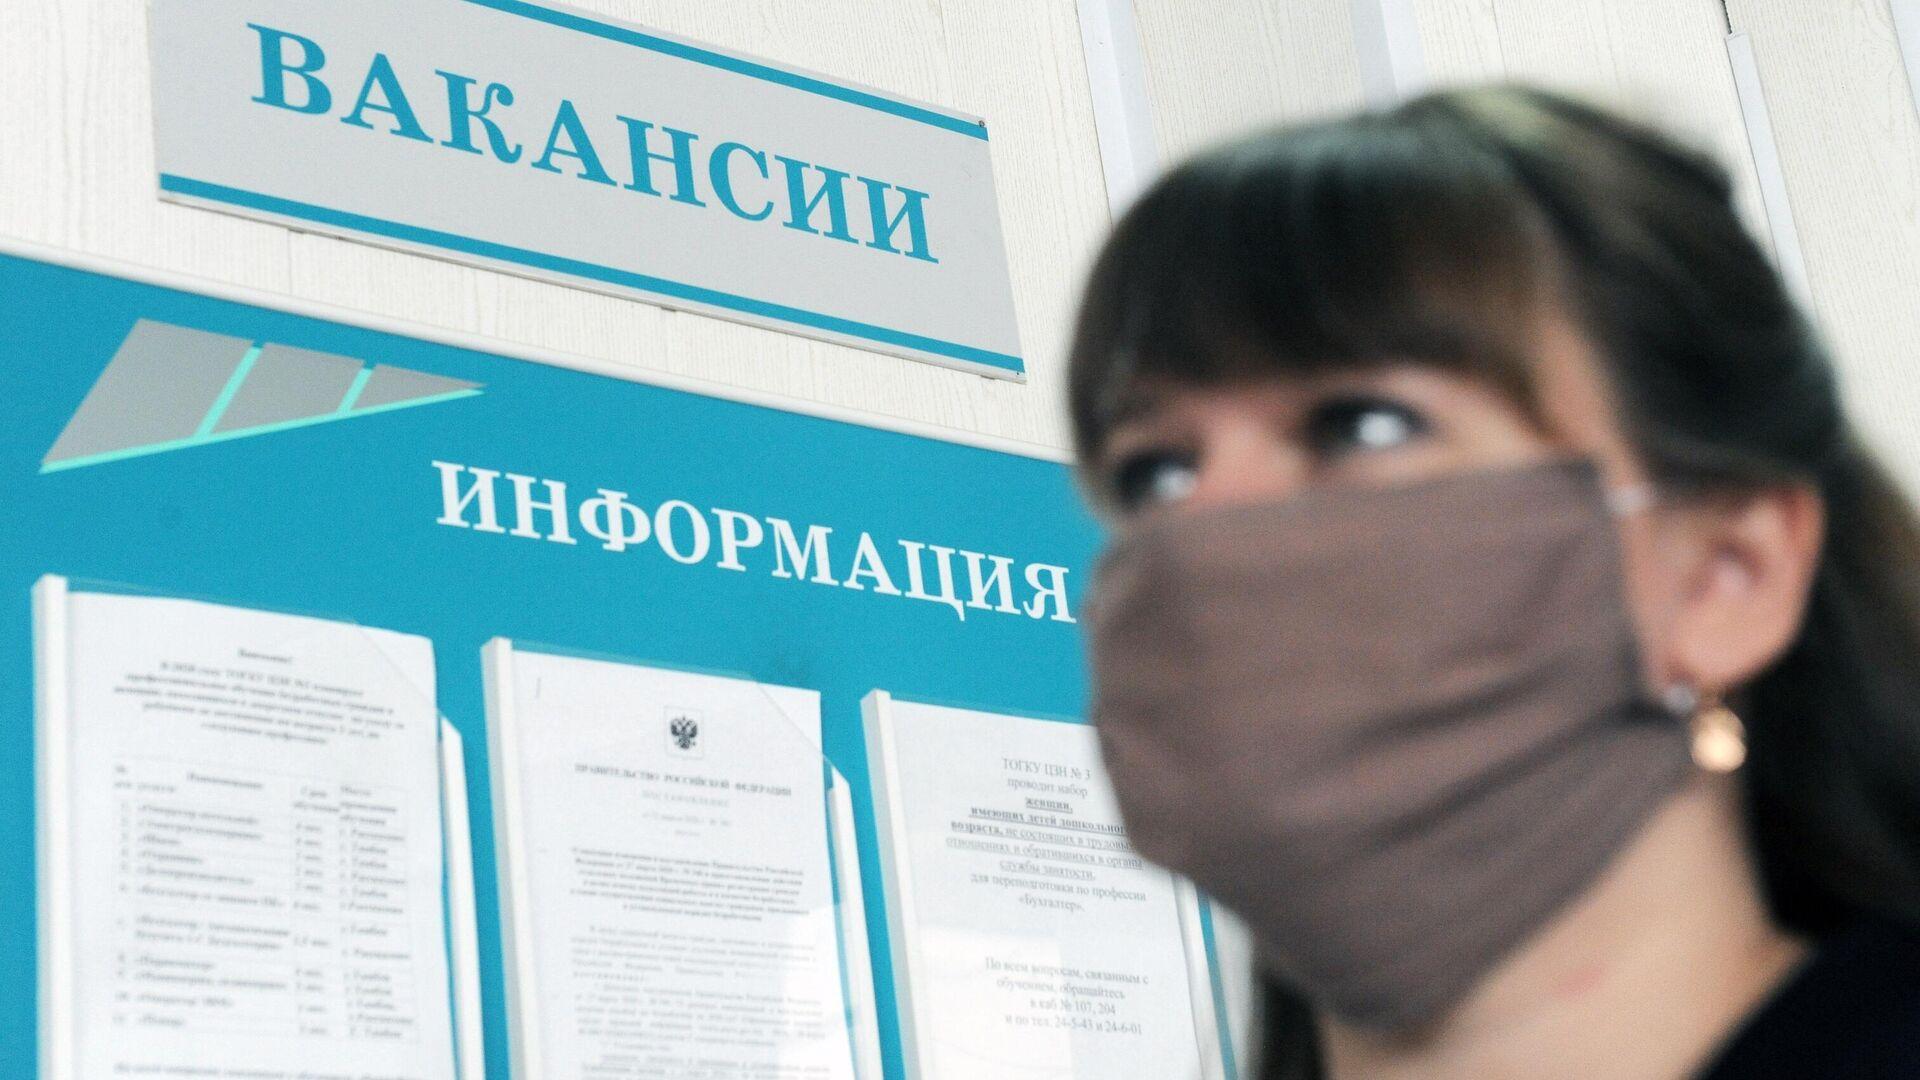 Москва и Сахалин - лидеры, а Чукотка, Камчатка, Якутия и Колыма - аутсайдеры по расходам на социальную сферу